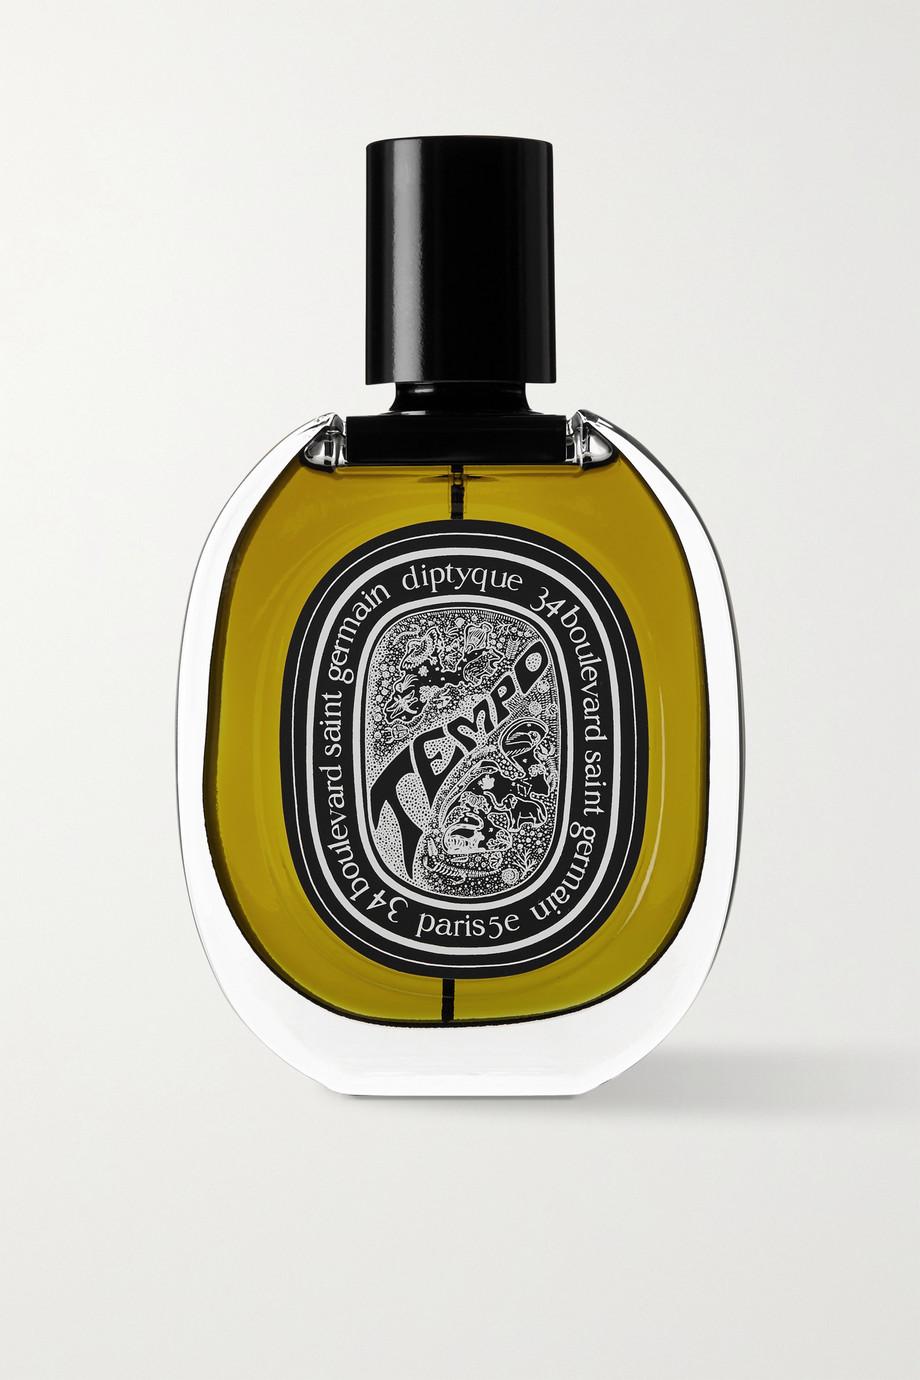 Diptyque Tempo Eau de Parfum - Patchouli, Maté, Clary Sage, 75ml